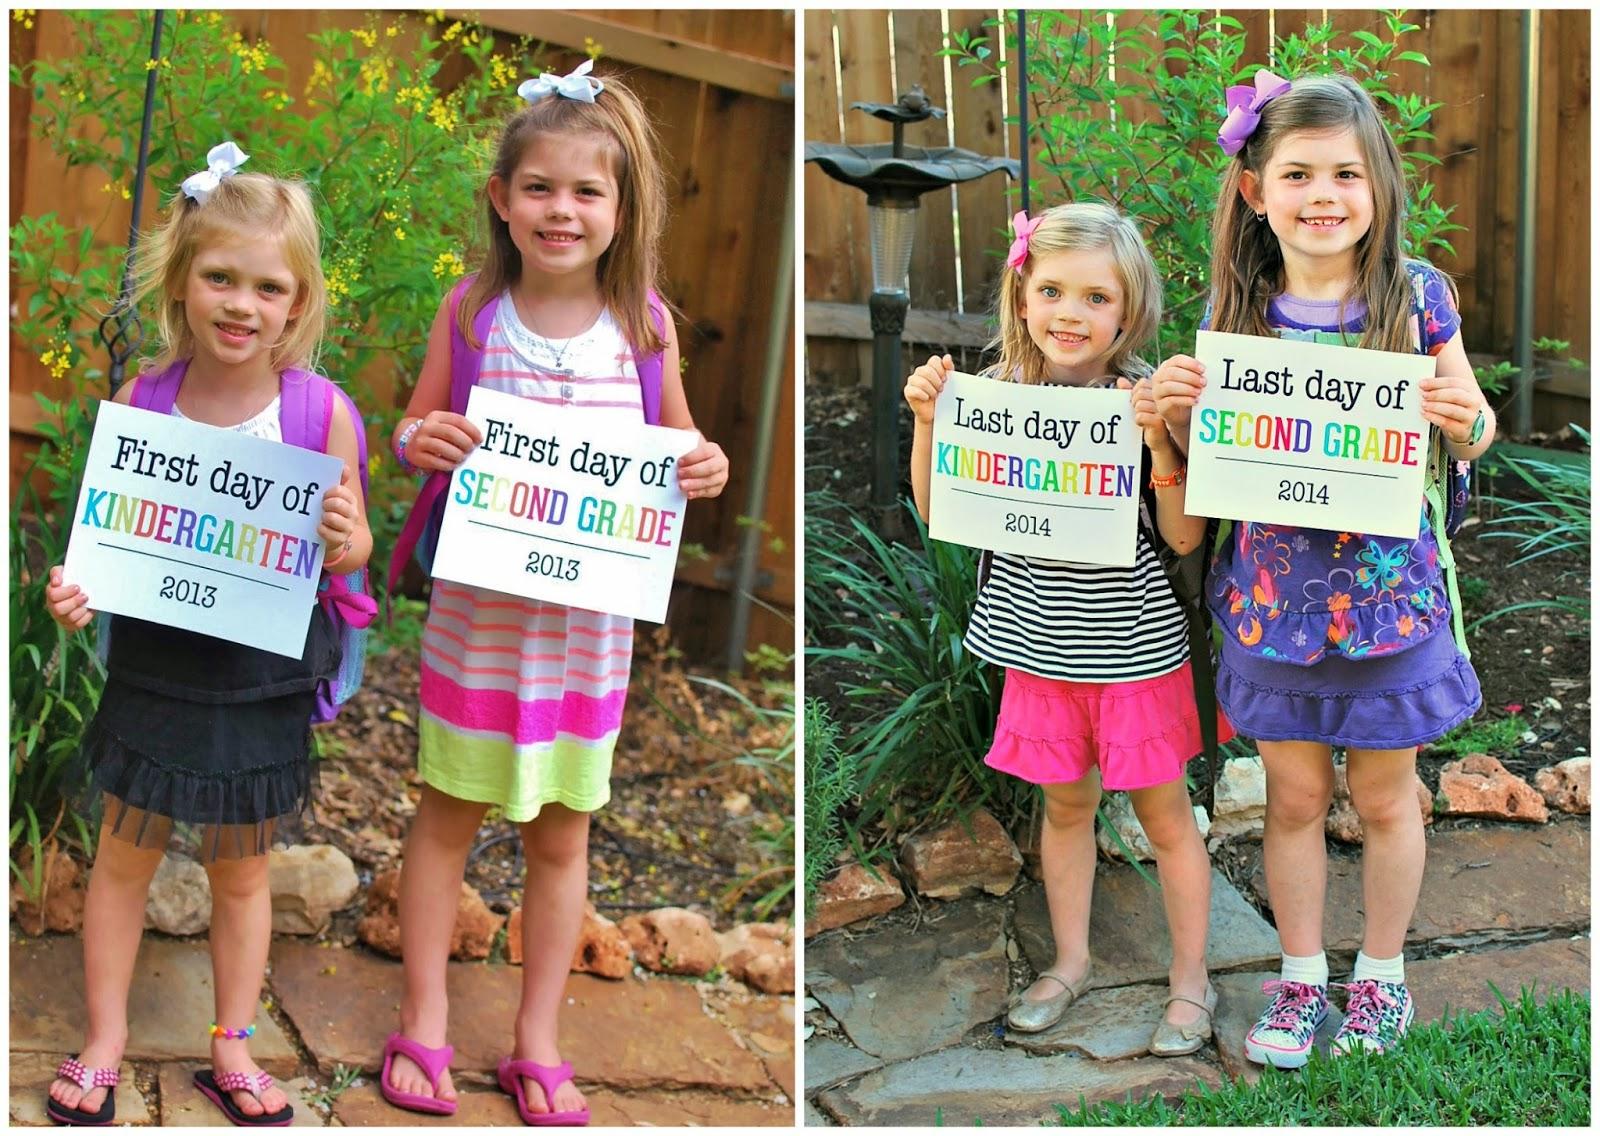 http://2.bp.blogspot.com/-5jtLe7jZrbk/U3zeP2Fp6_I/AAAAAAAANHk/6zQT4-9K-aU/s1600/school_collage.jpg